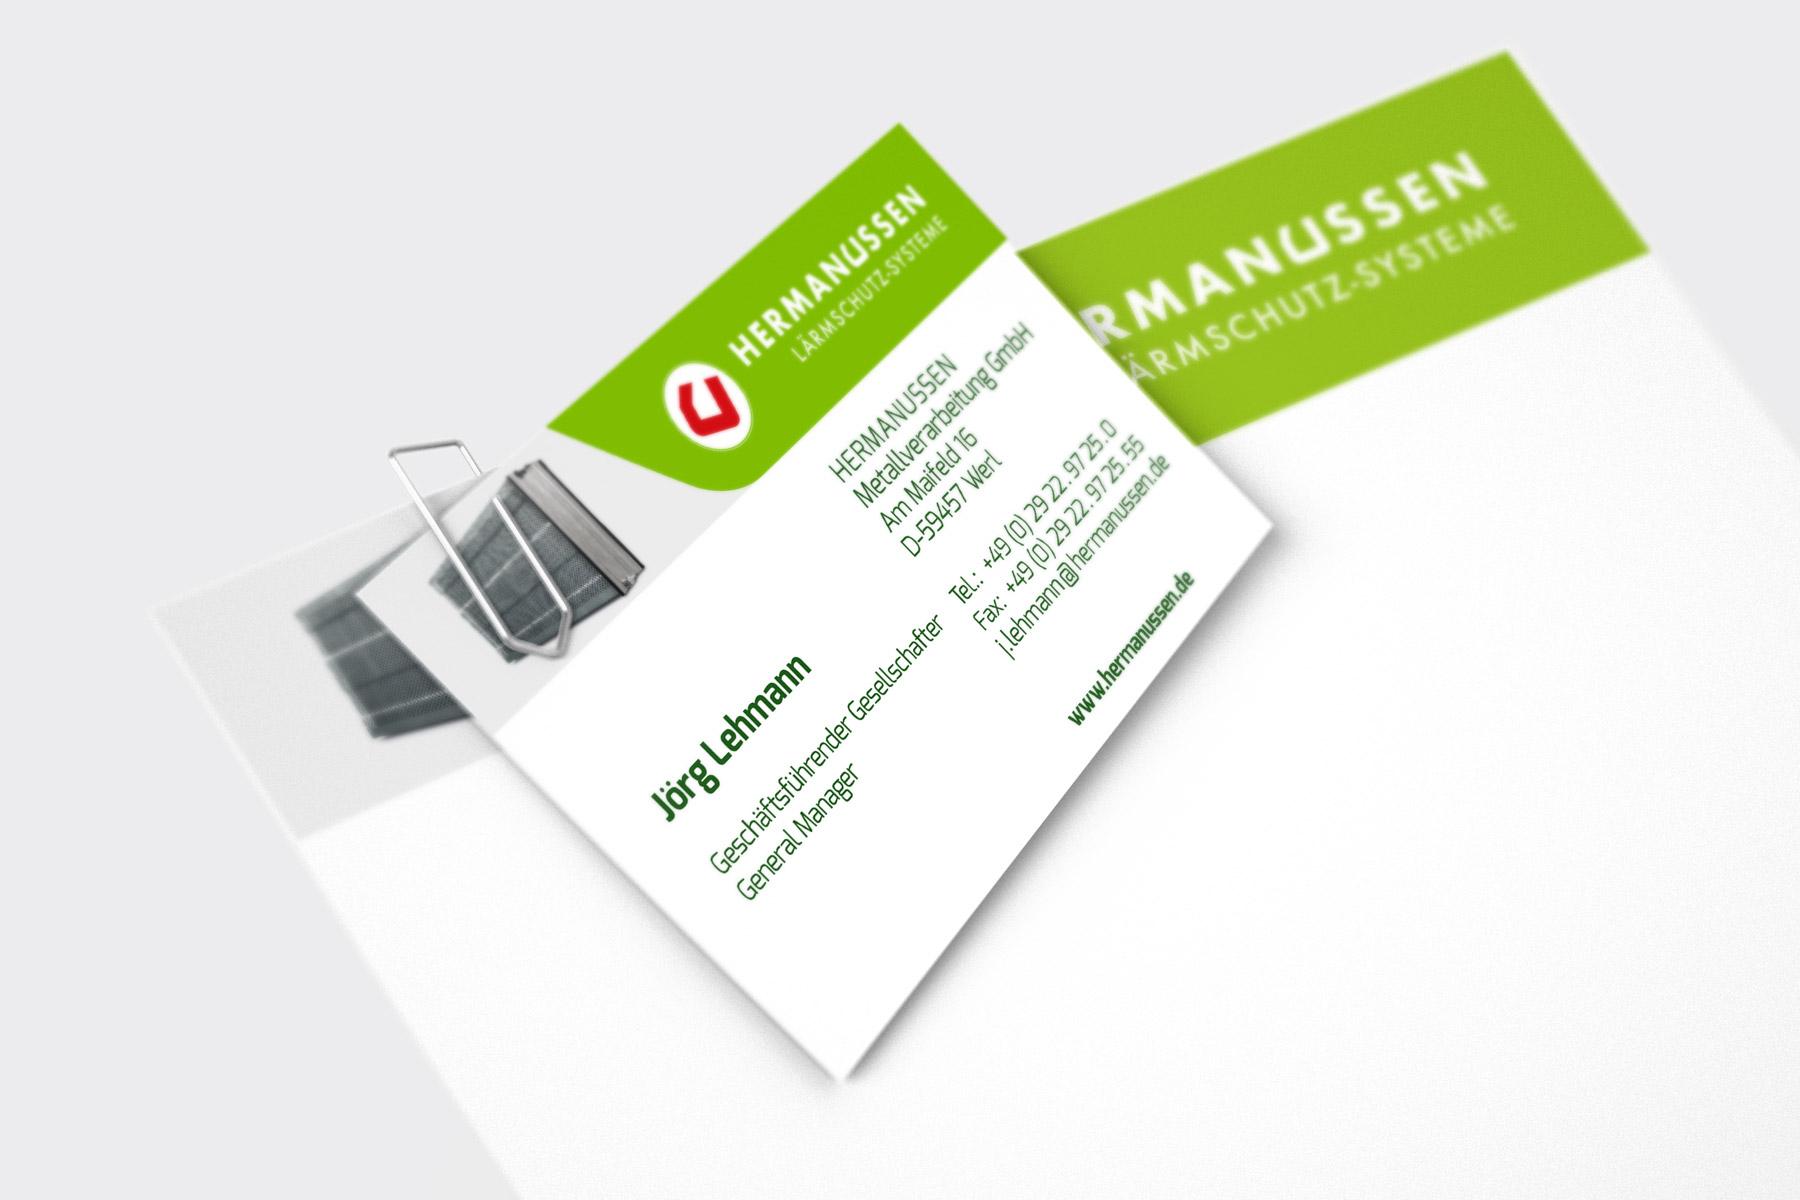 tooldesign-web-hermanussen-geschaeftsausstattung